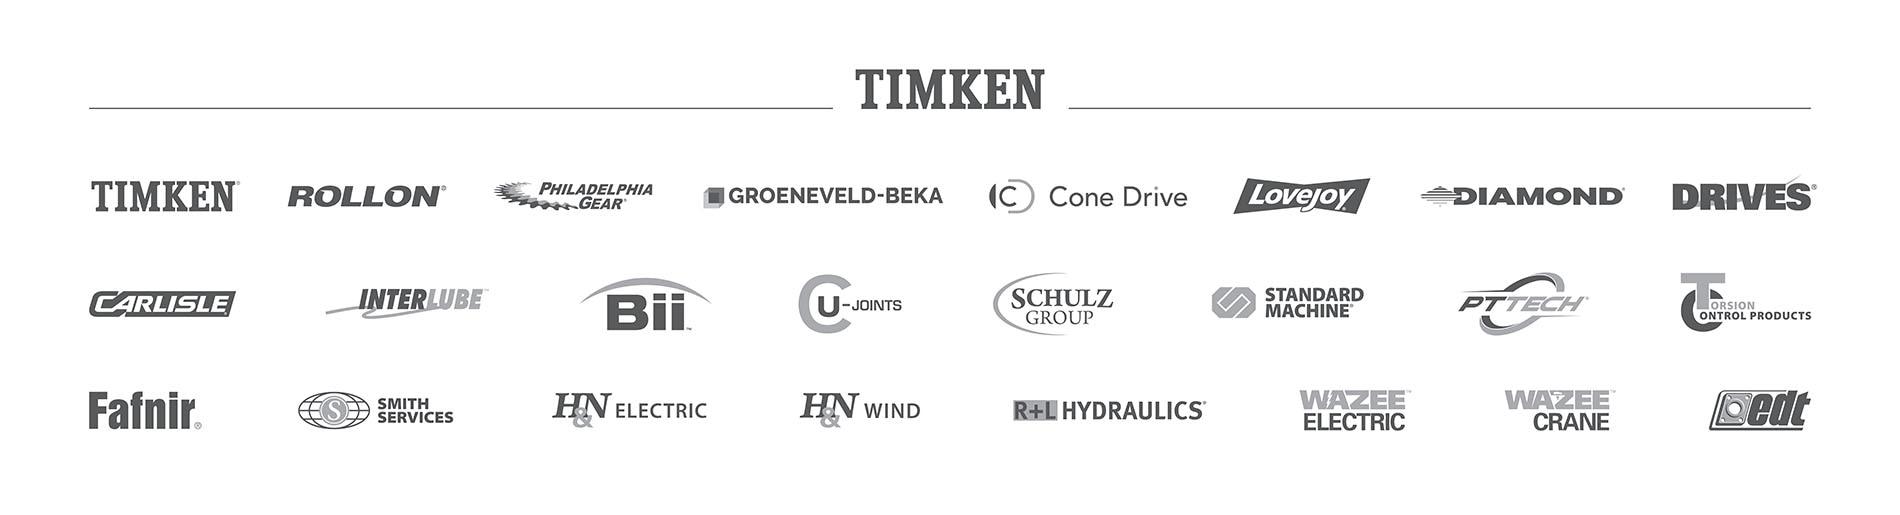 Timken Brands